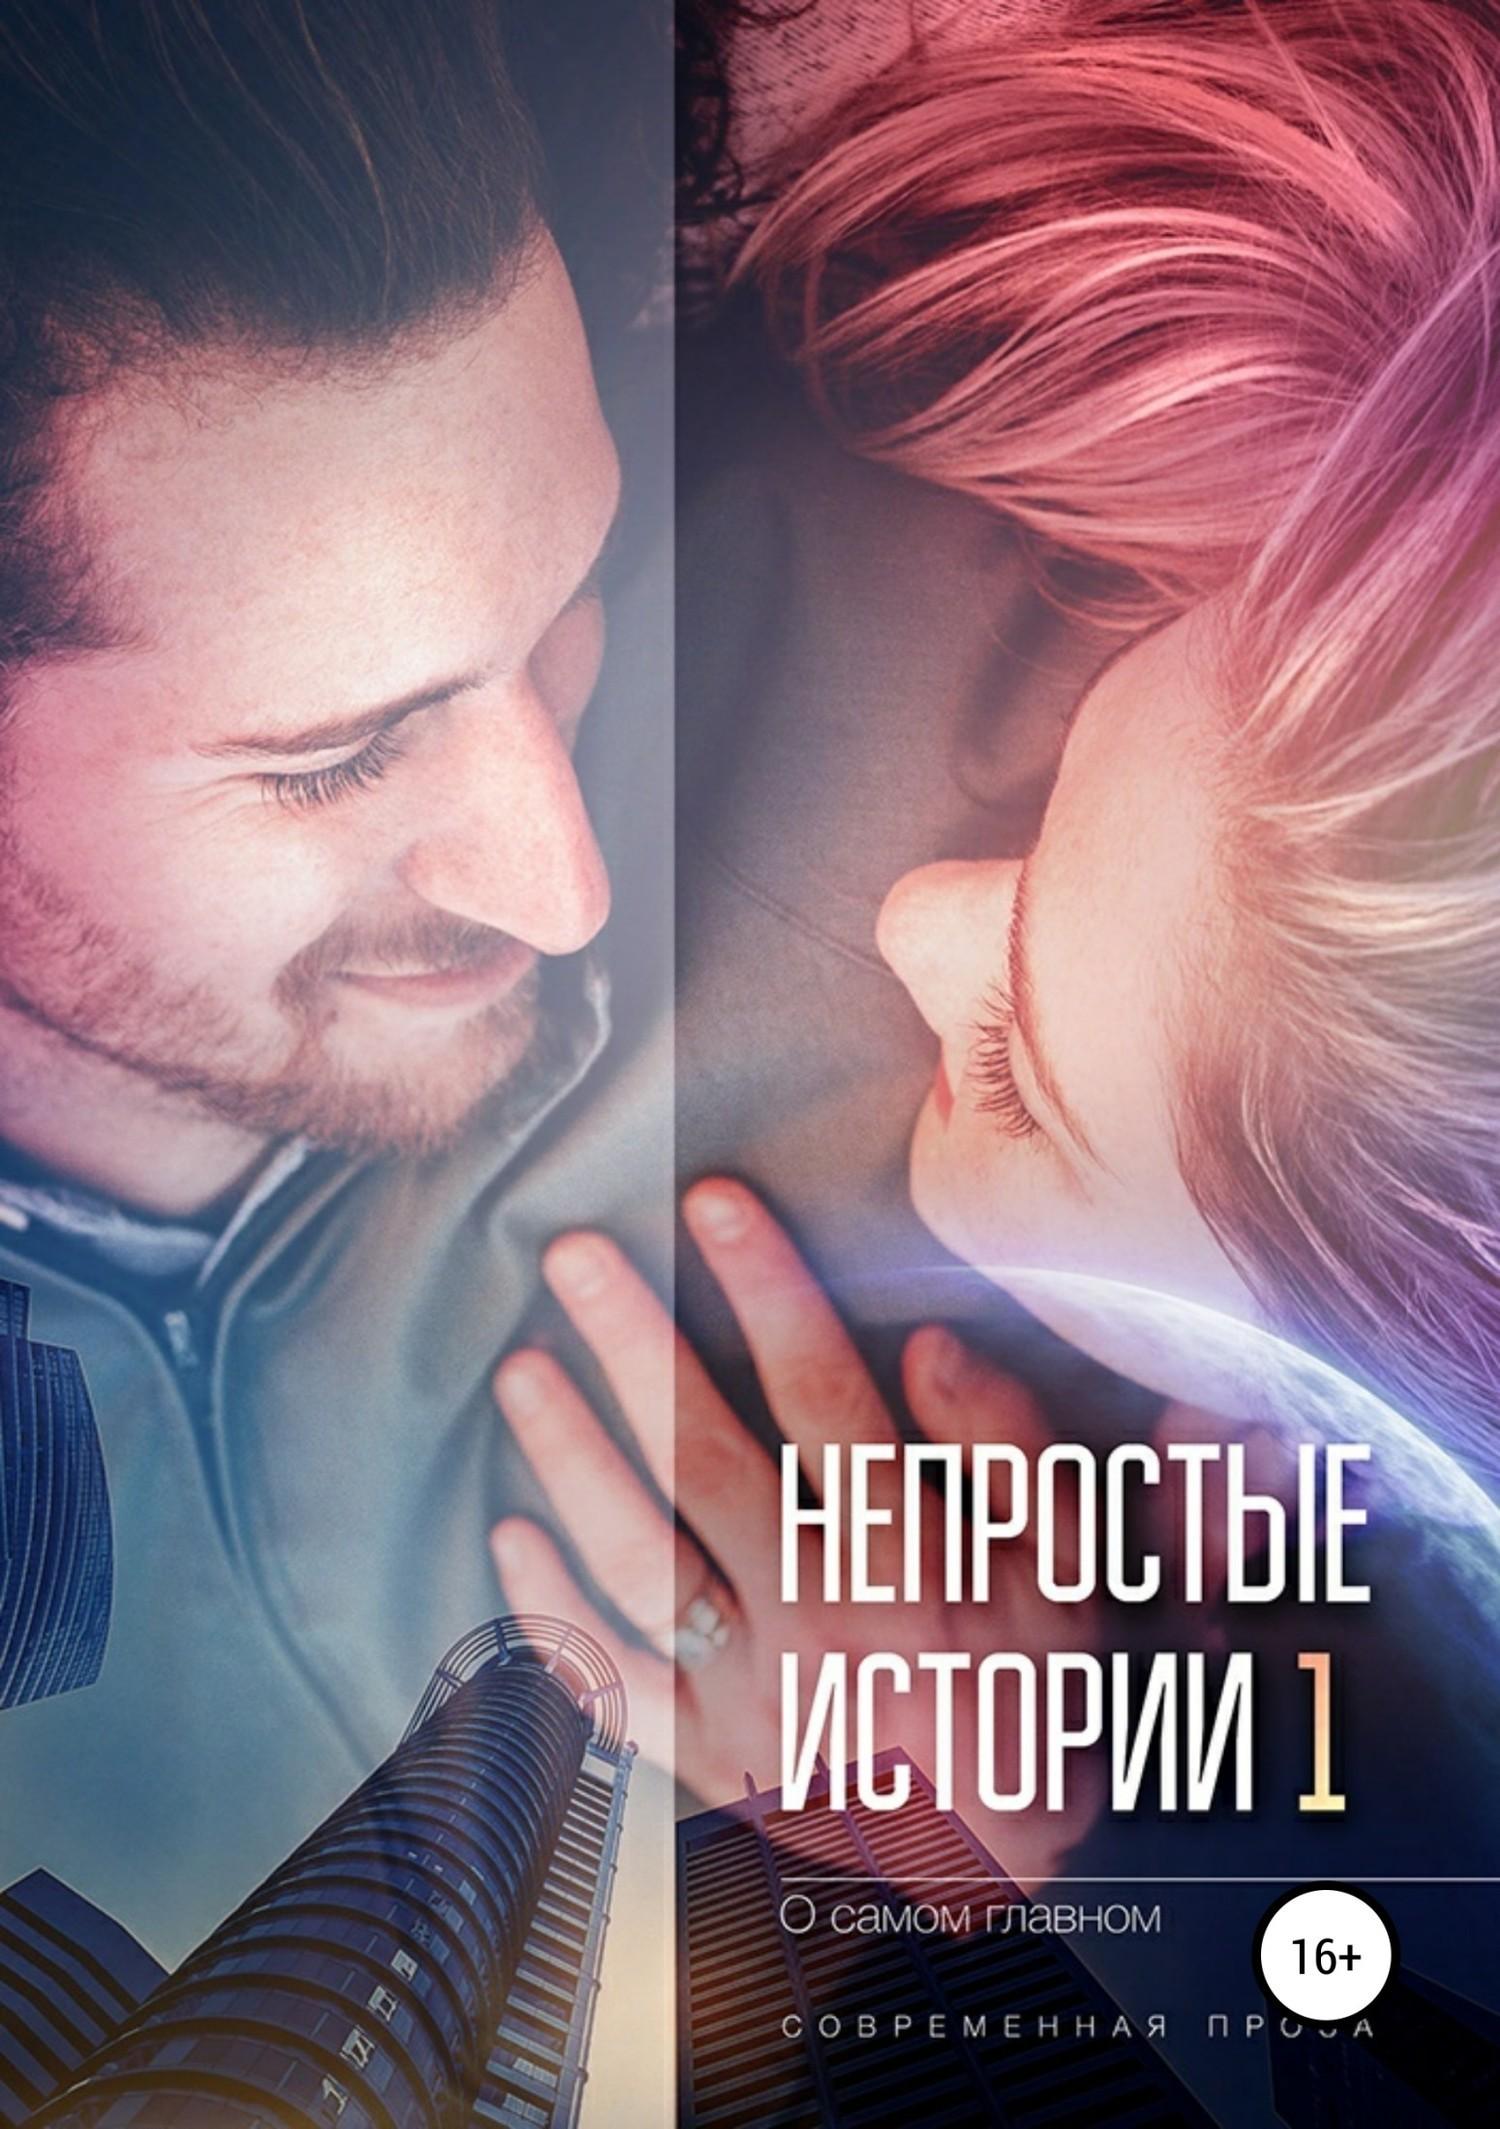 Евгения Халь Непростые истории о самом главном, сборник рассказов. Современная проза дышу тобой